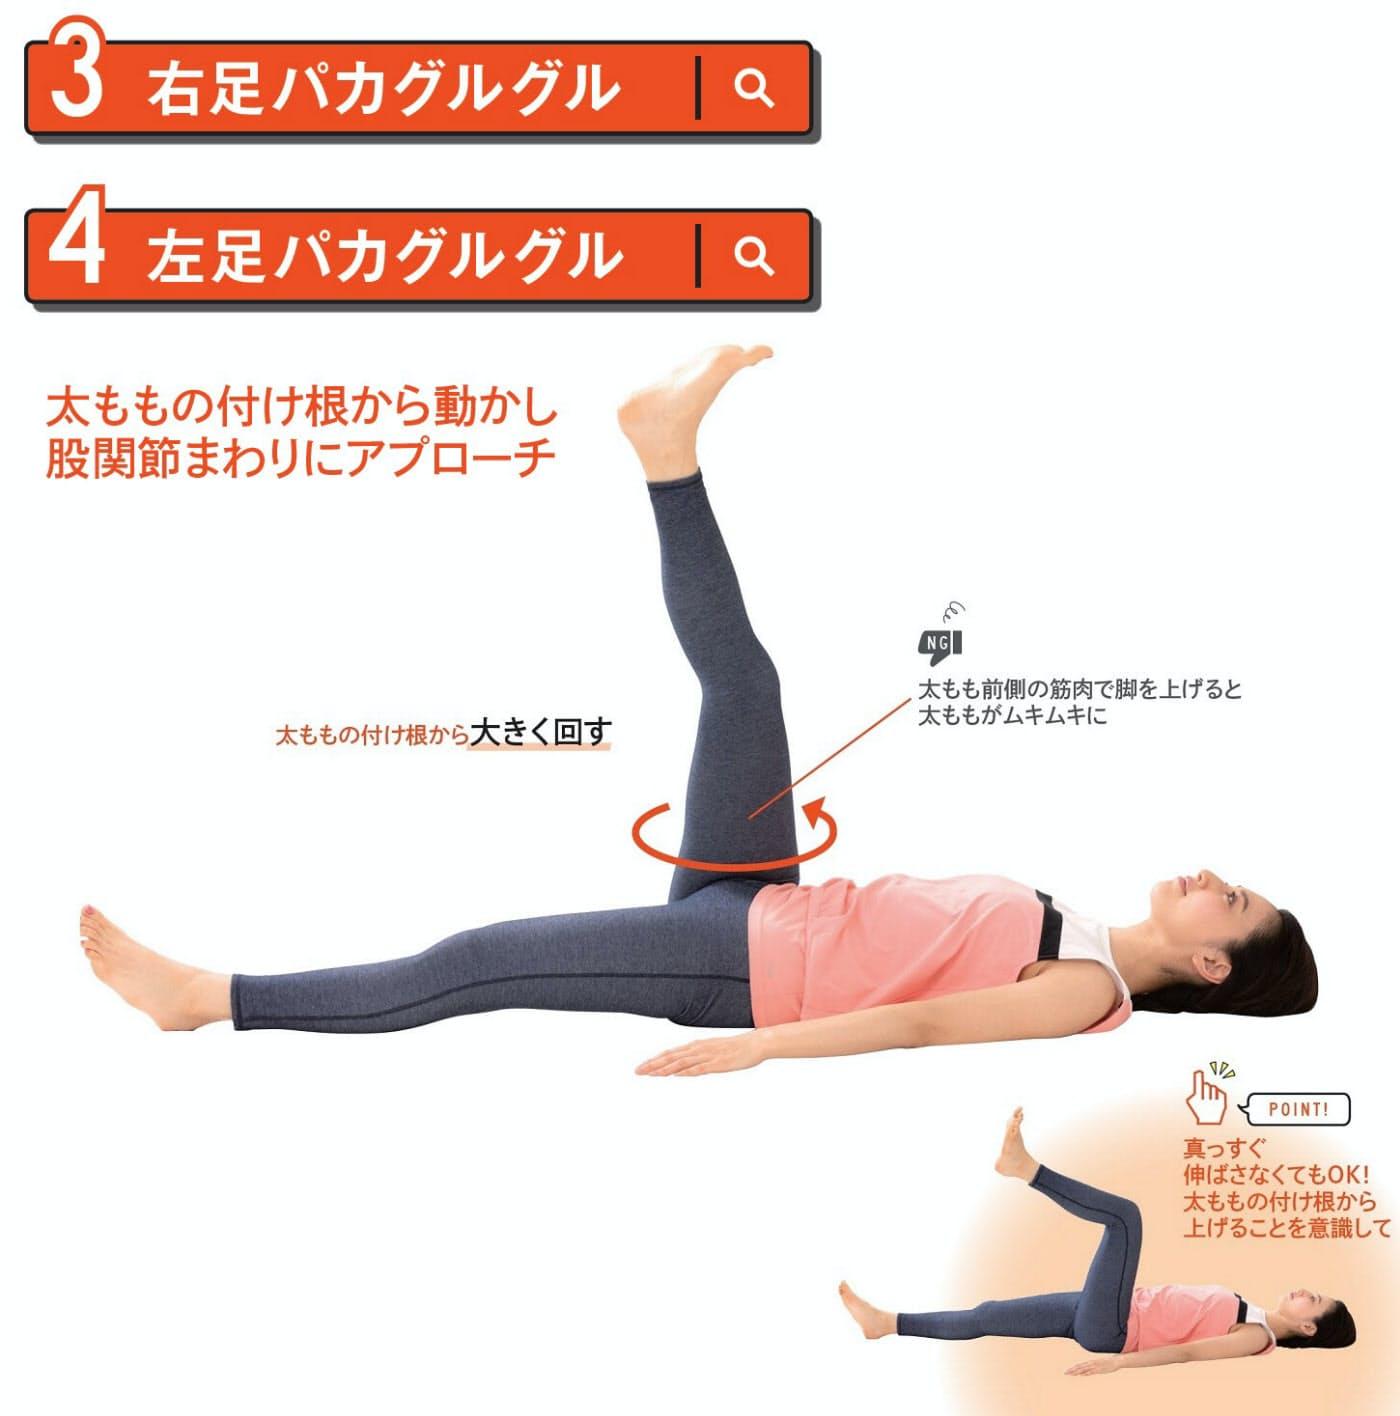 パカ 鳴る 足 股関節